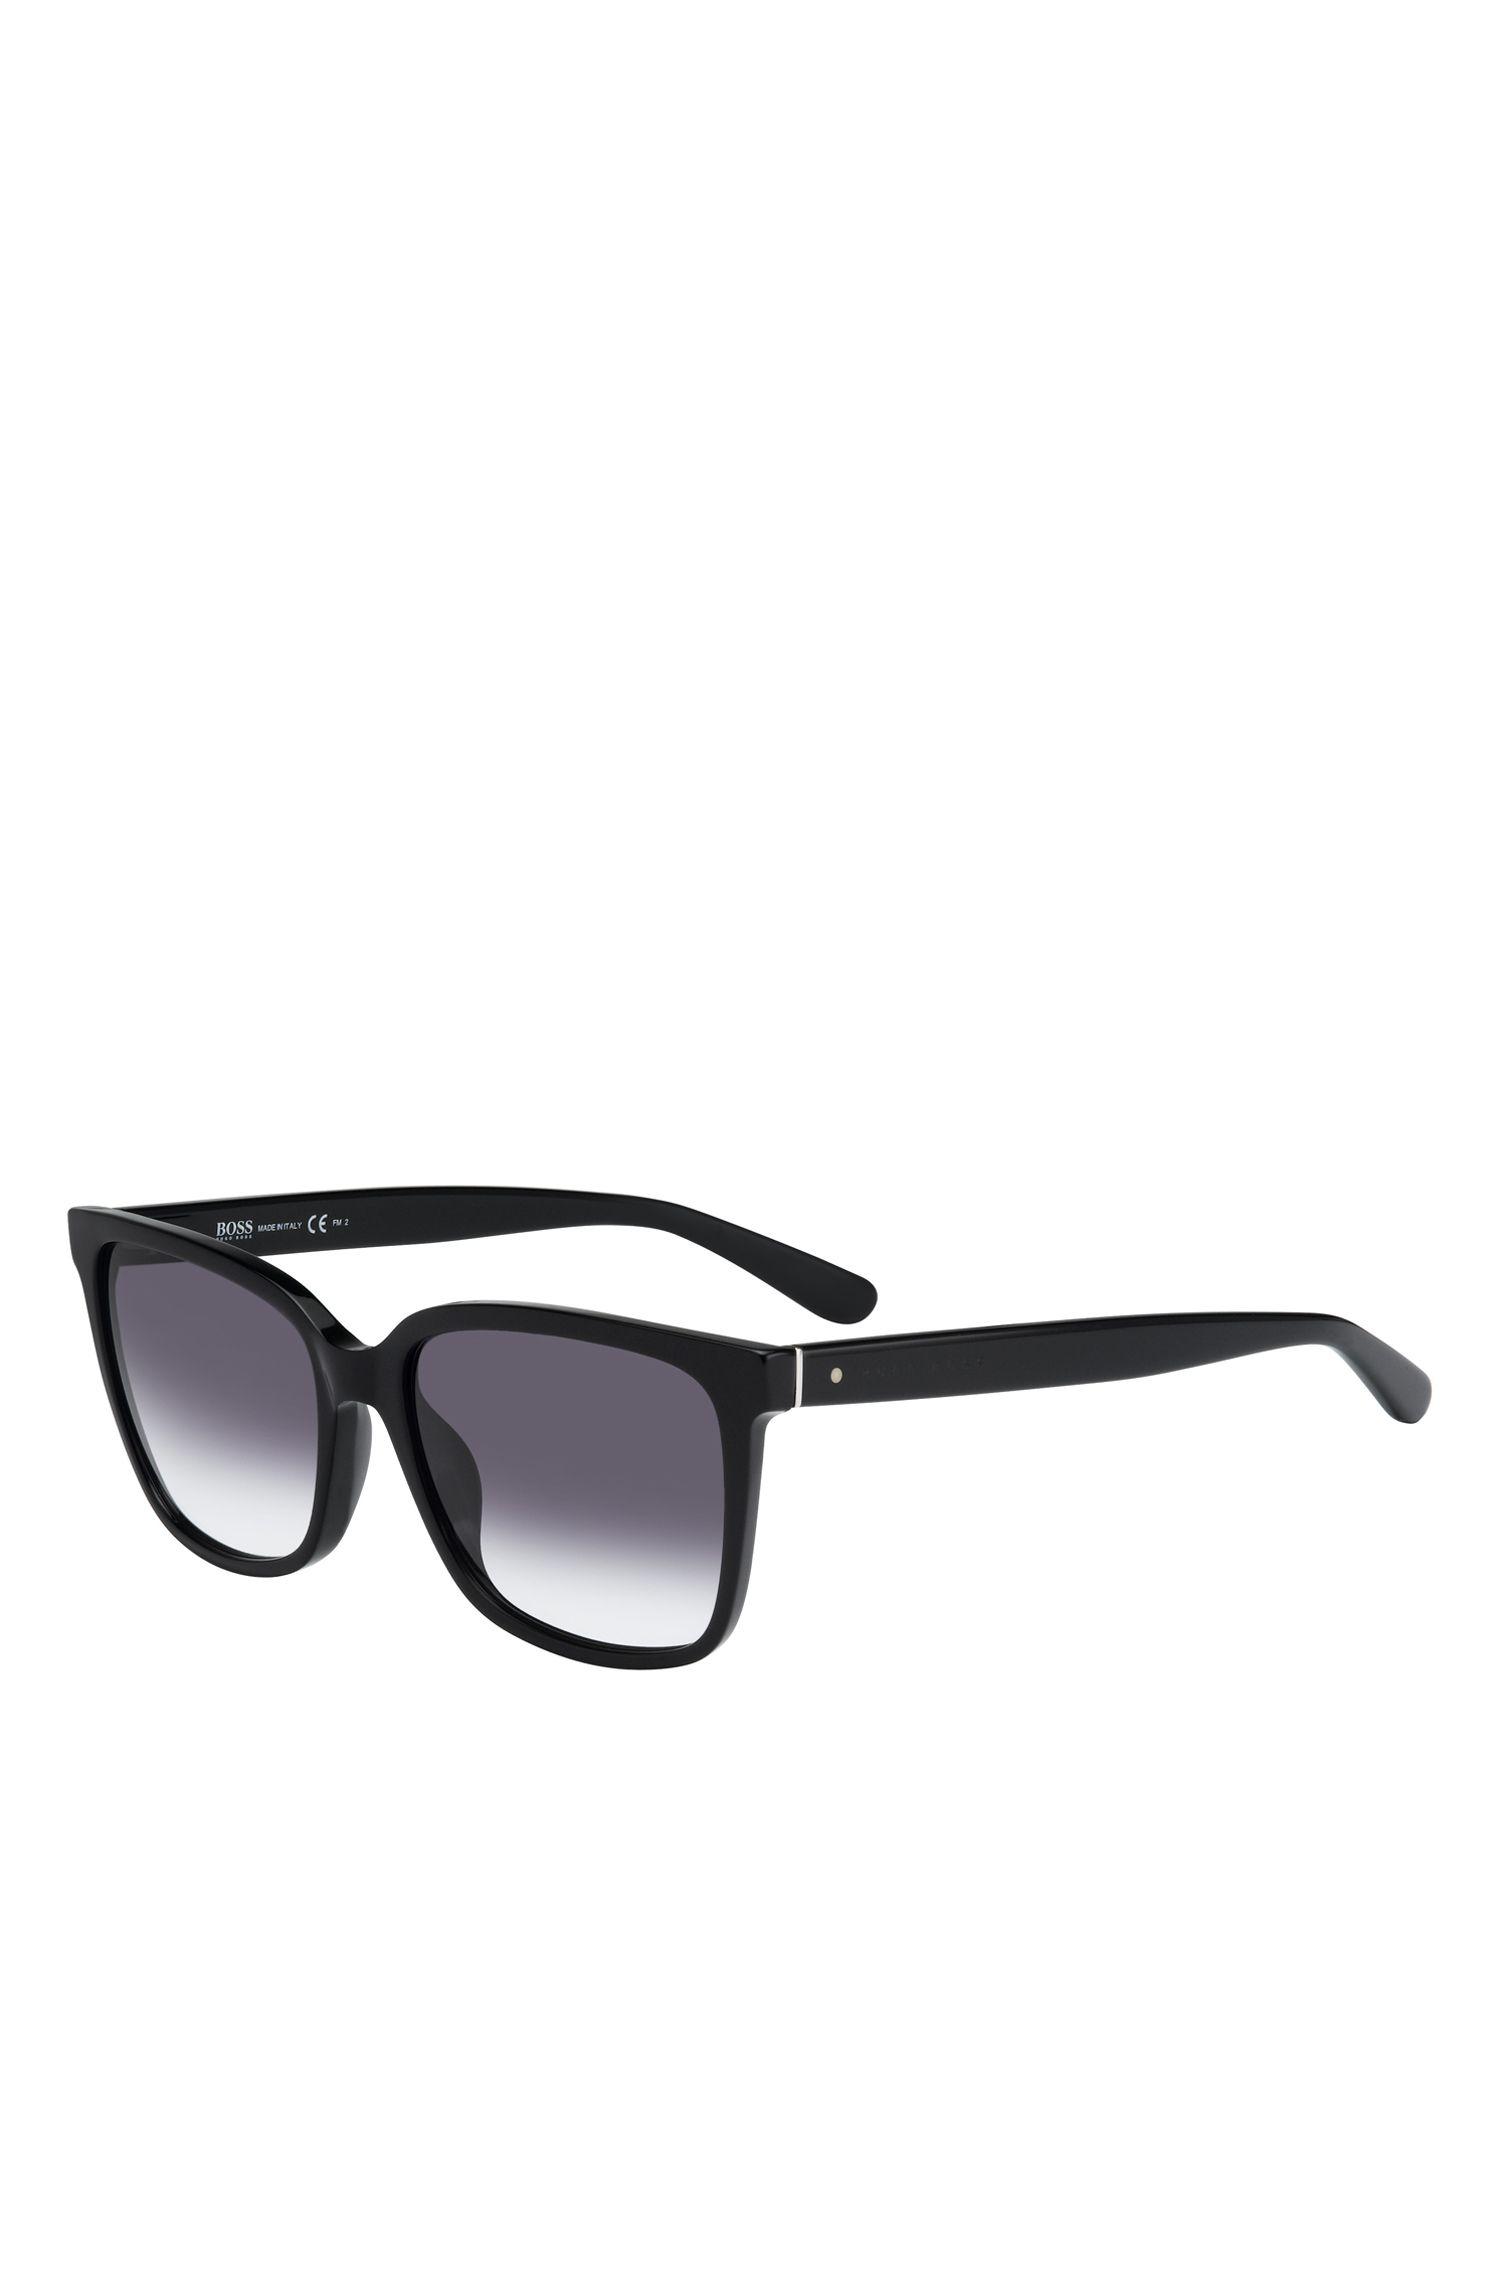 'BOSS 0787S'   Gradient Lens Rectangular Sunglasses